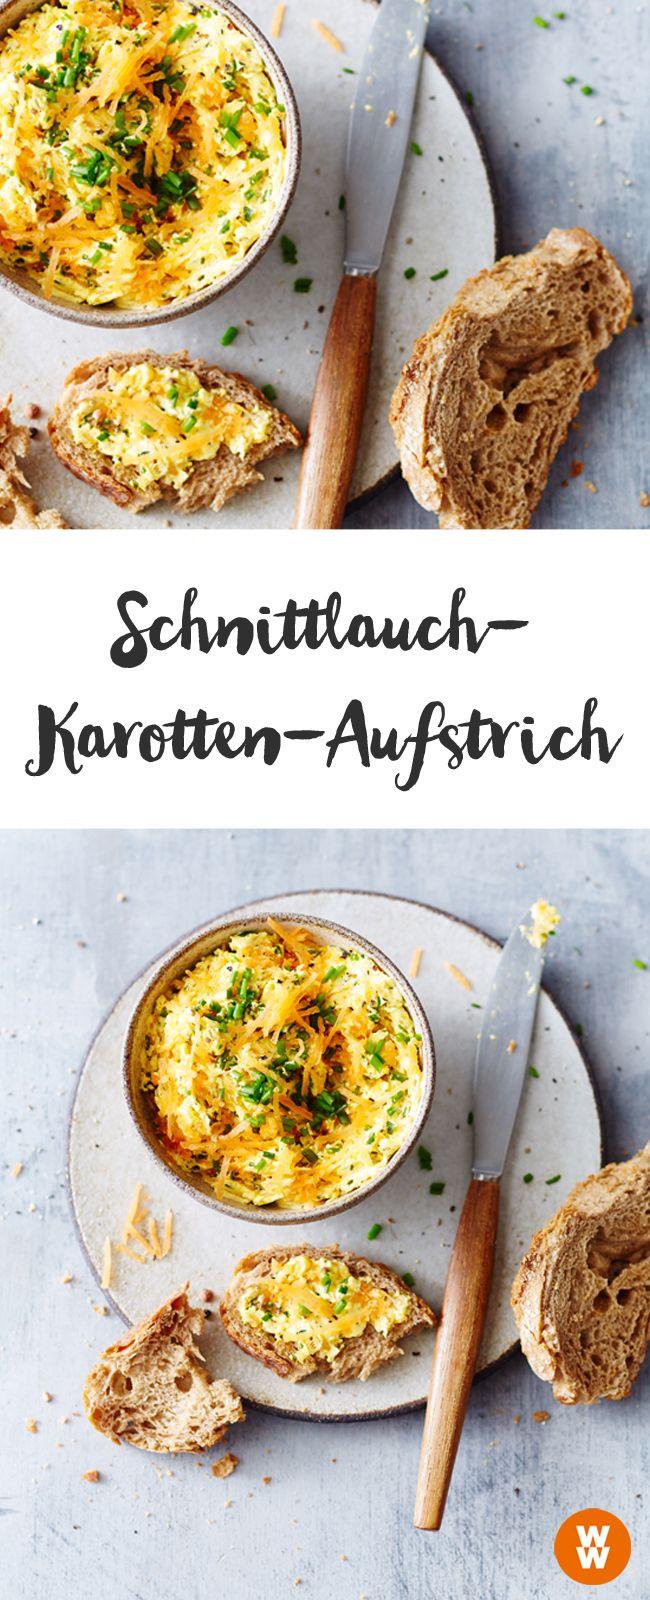 Schnittlauch-Karotten-Aufstrich, Brotaufstrich | Weight Watchers